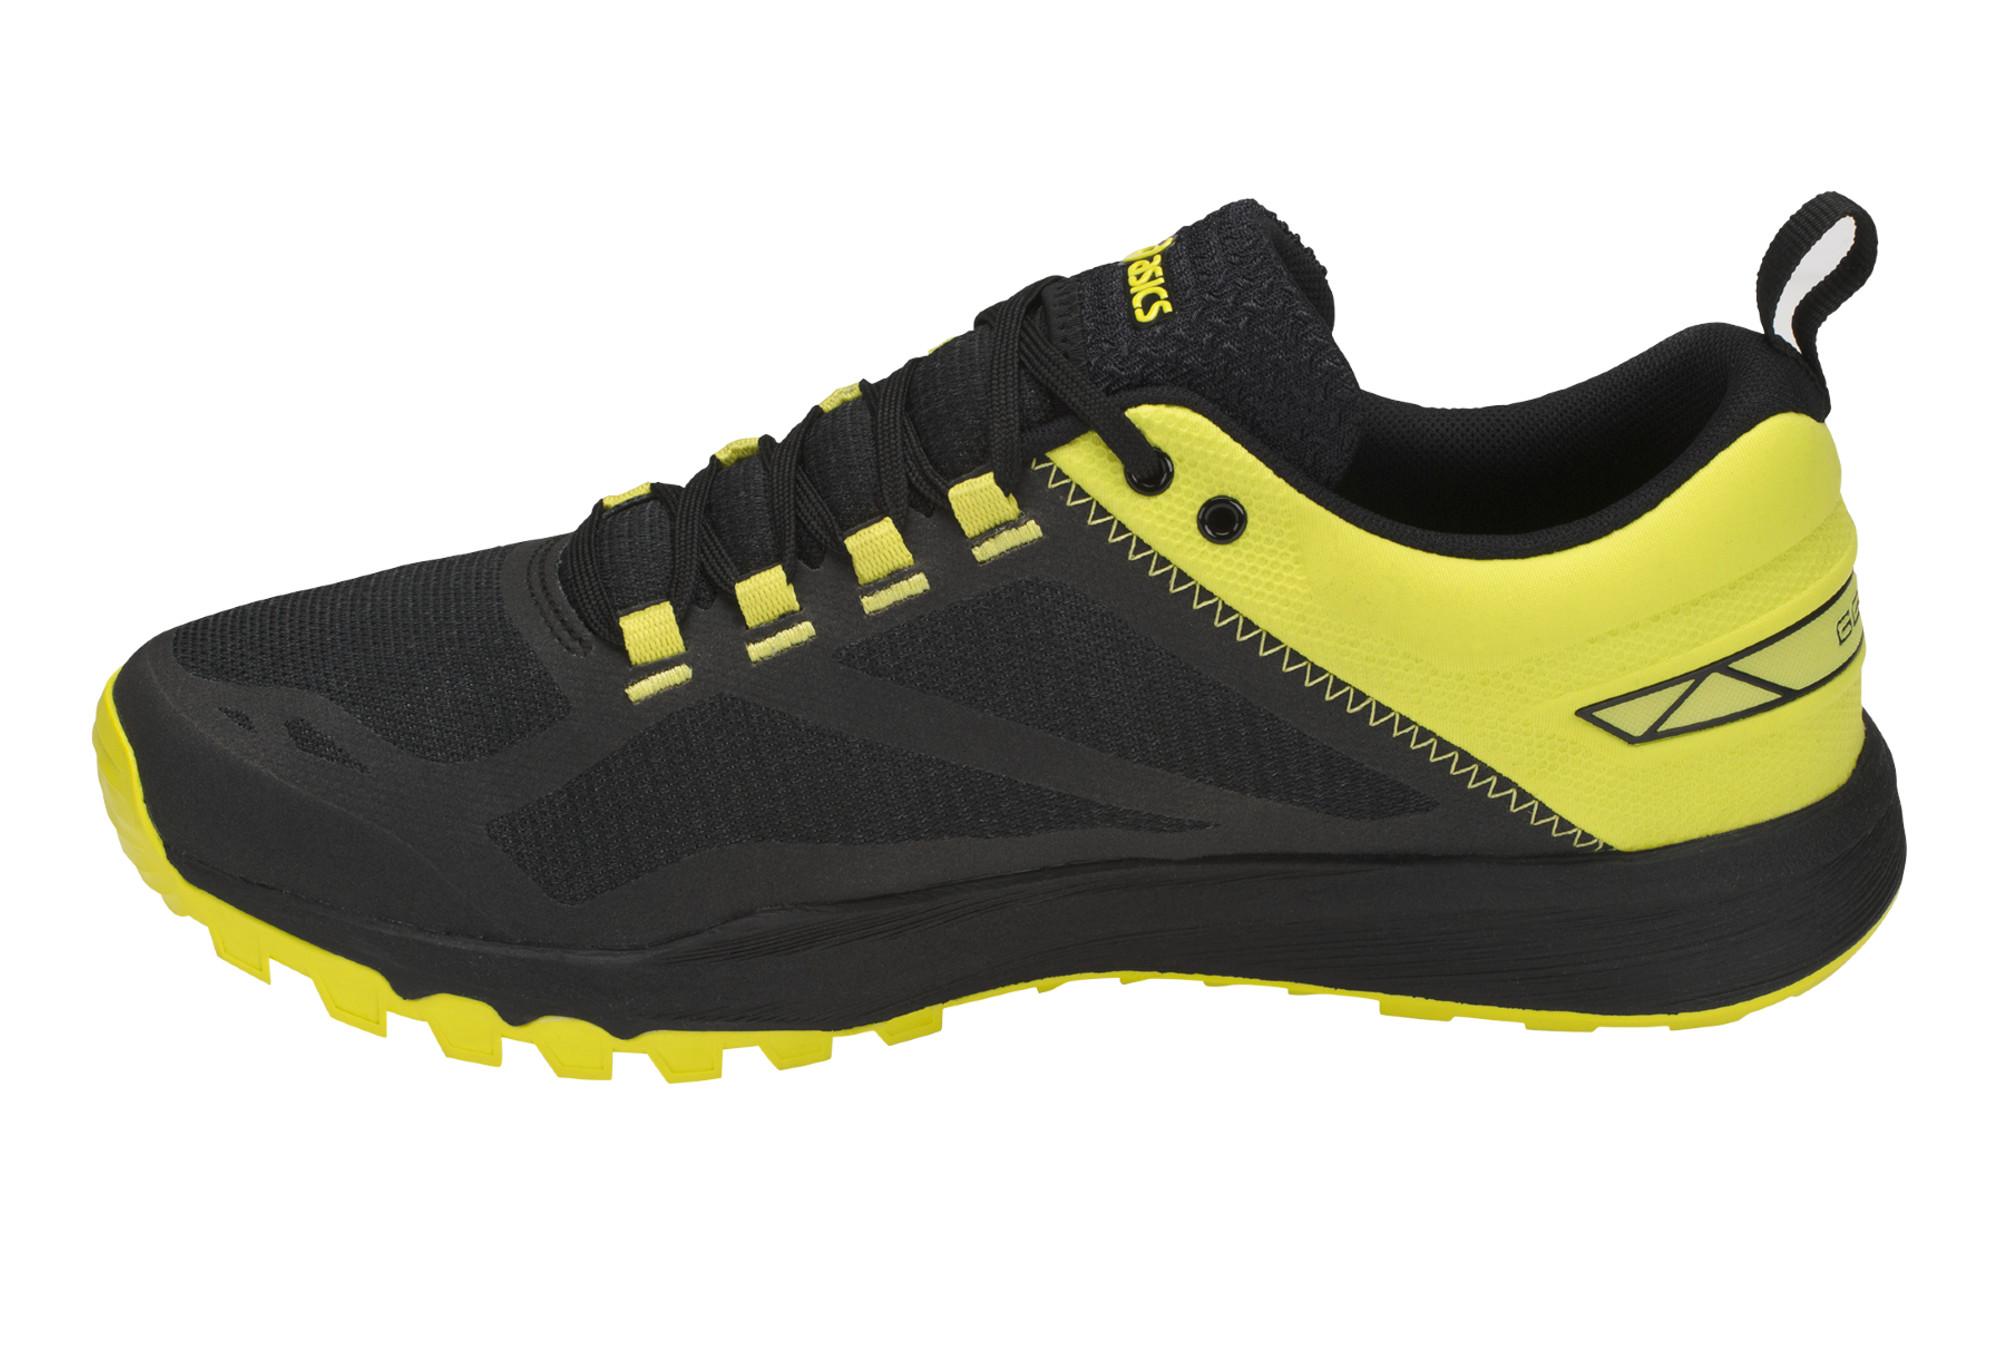 Chaussures de Running Asics Gecko XT Noir   Jaune   Alltricks.fr a4b536c1f3c9